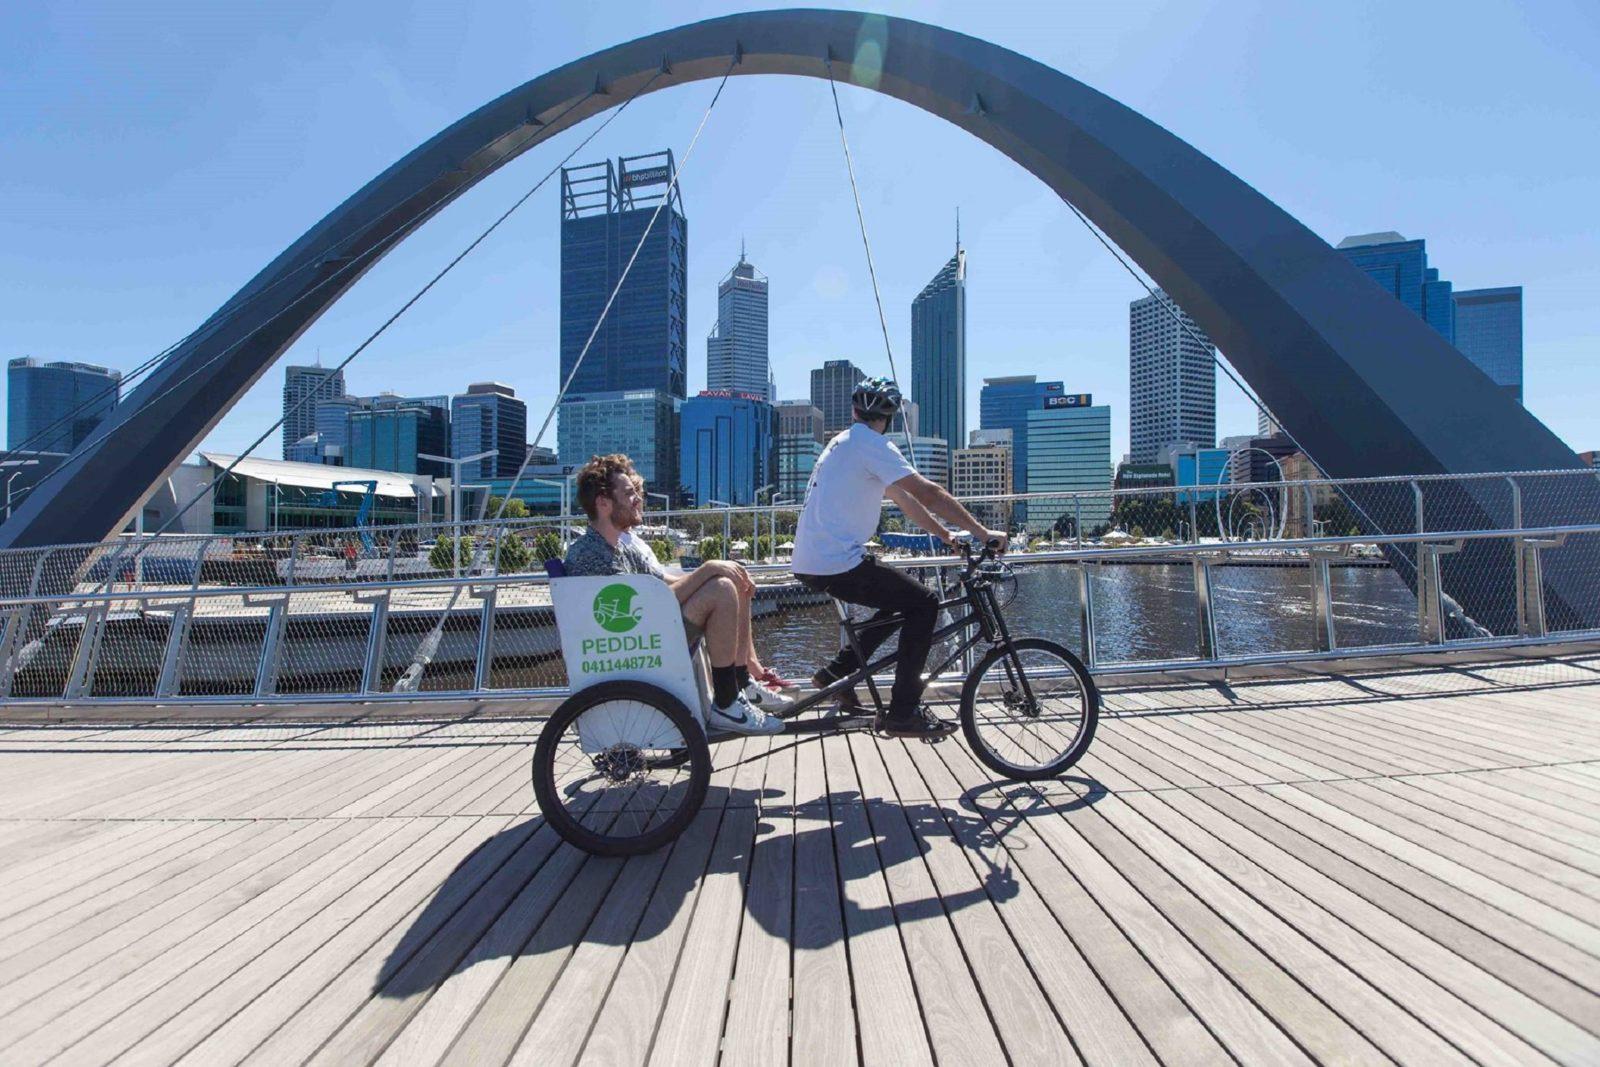 Peddle Perth, Perth, Western Australia